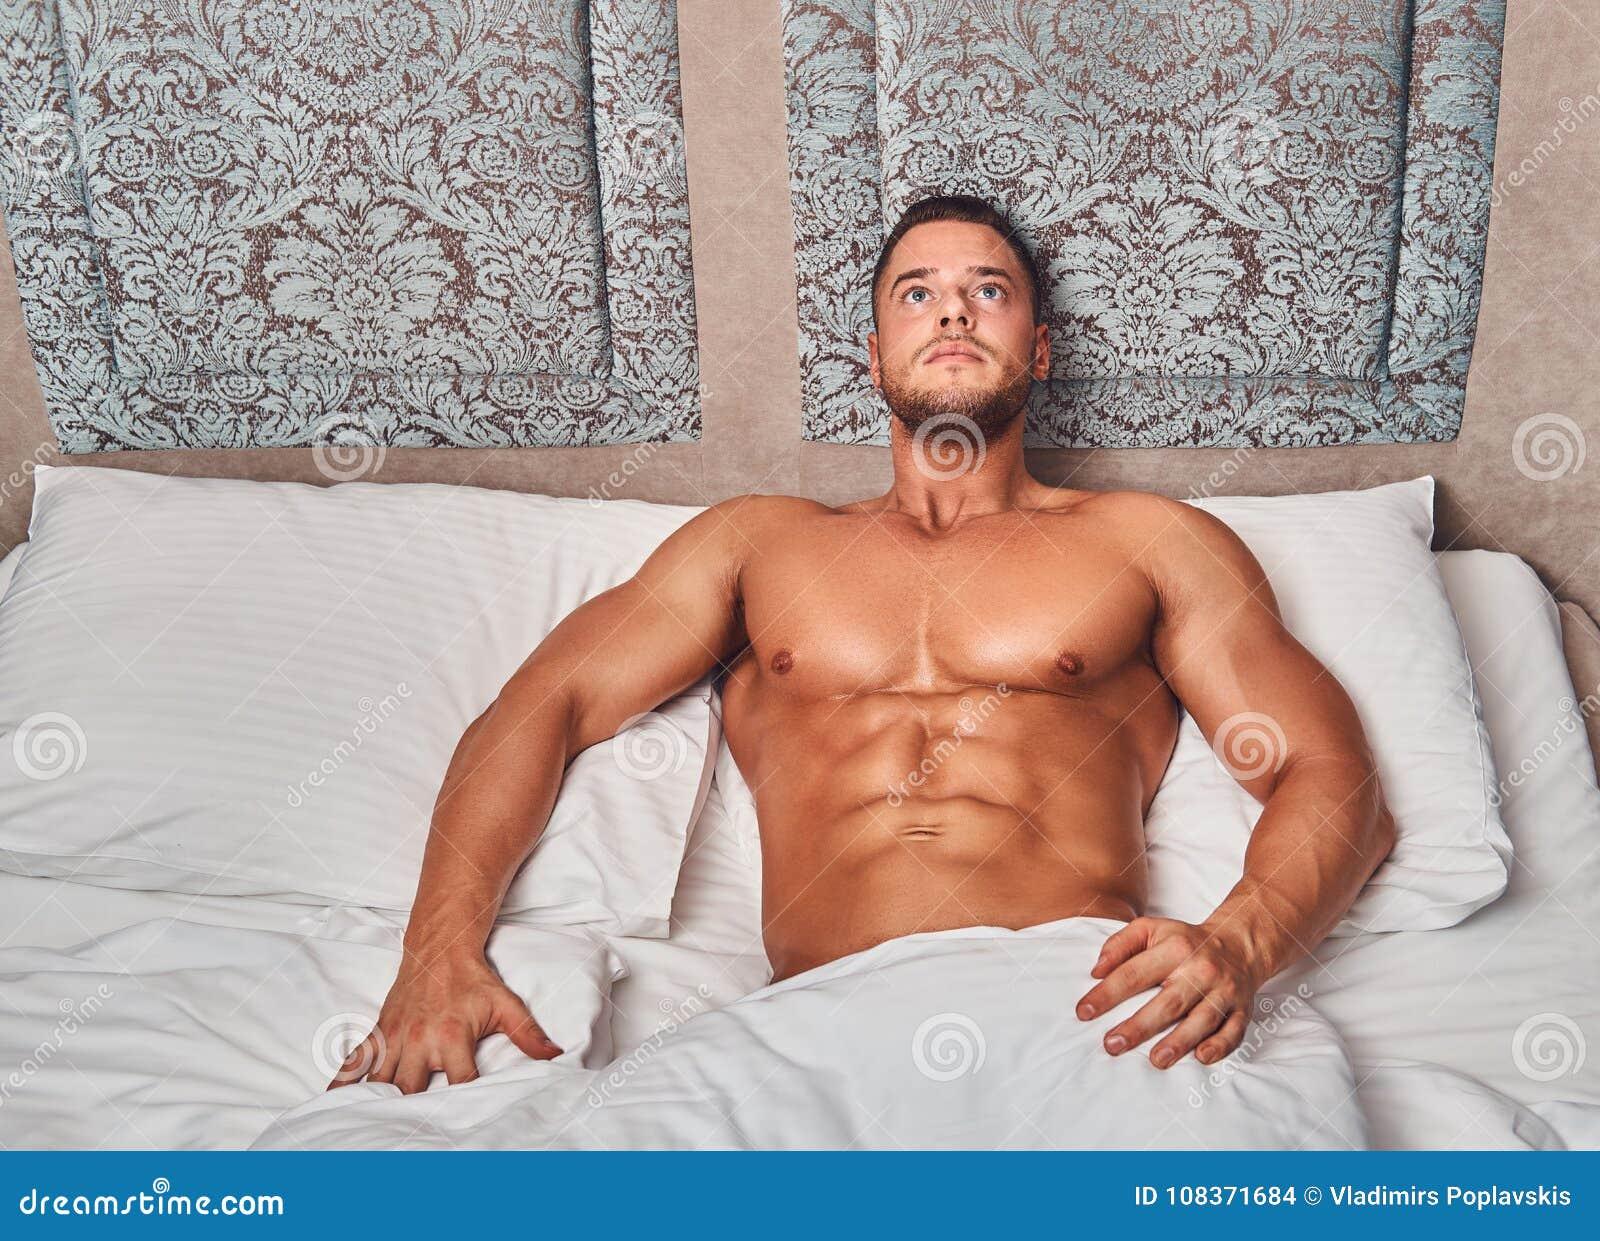 Обнаженный мужчина лежа фото, секс с тоненькой